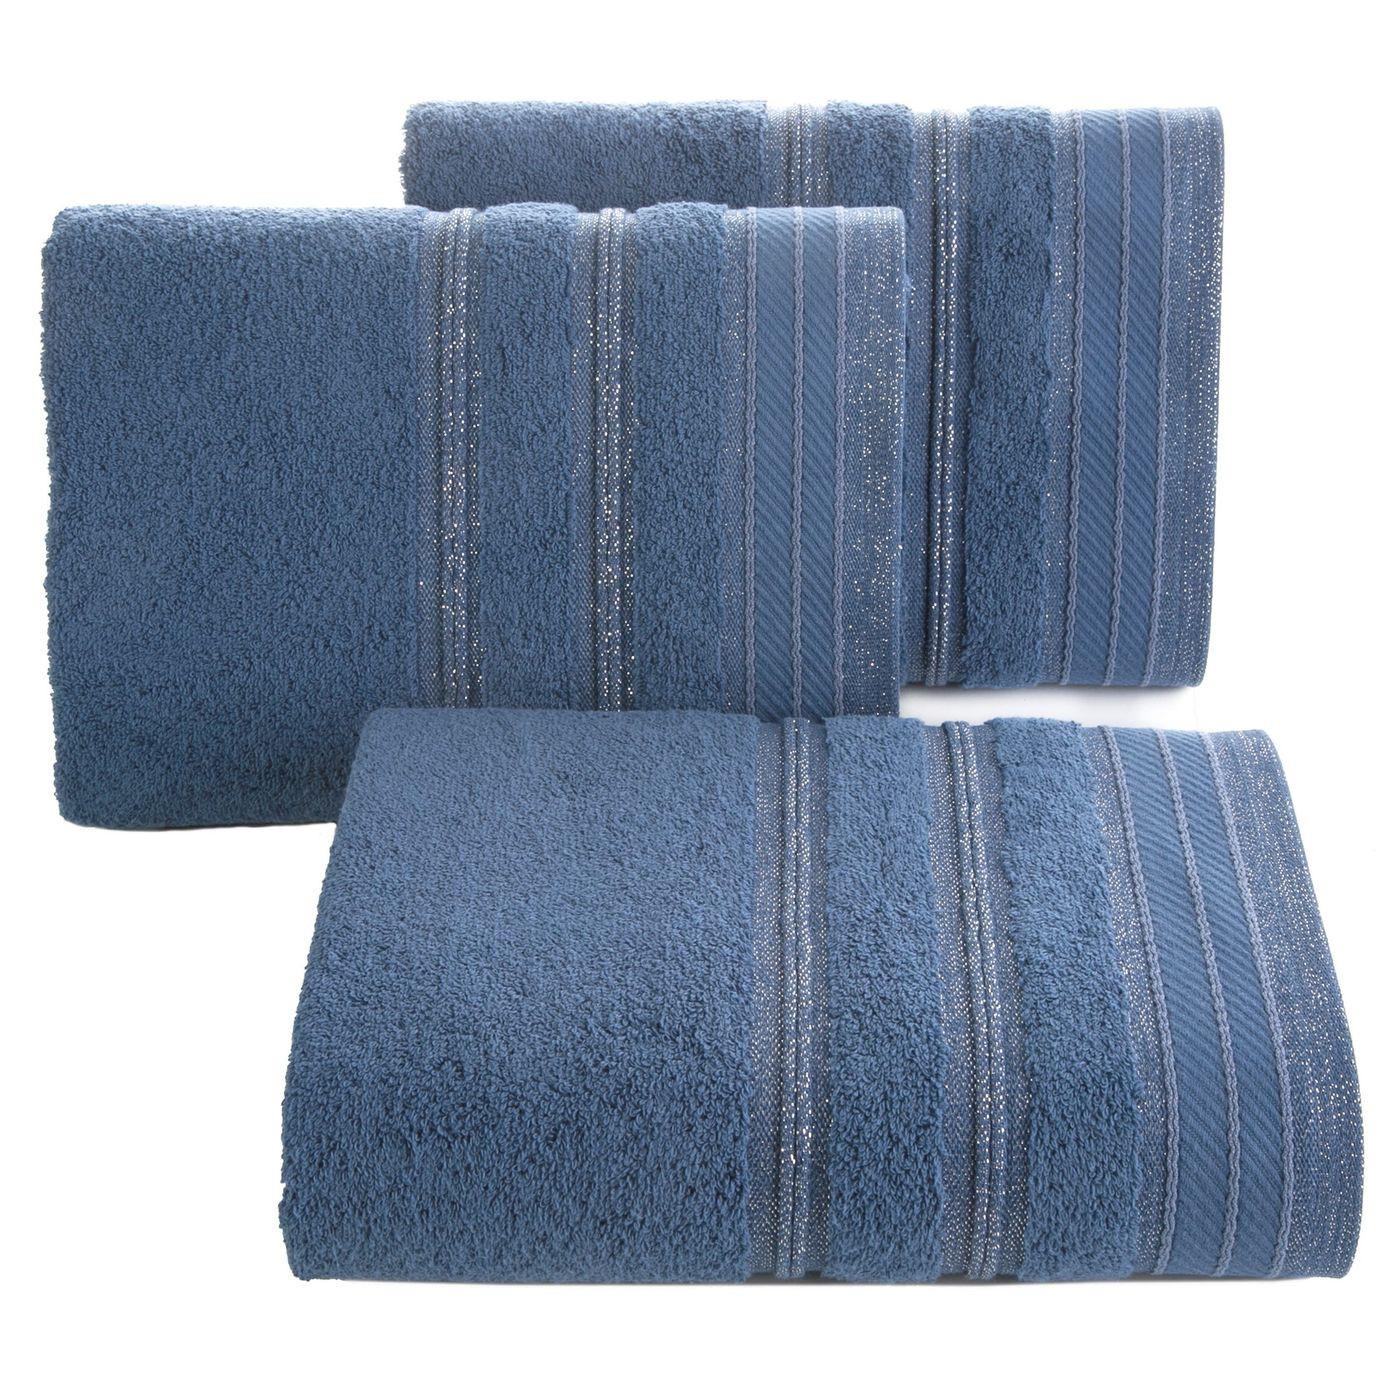 Ręcznik z bawełny z częścią ozdobną przetykaną błyszczącą nicią50x90cm